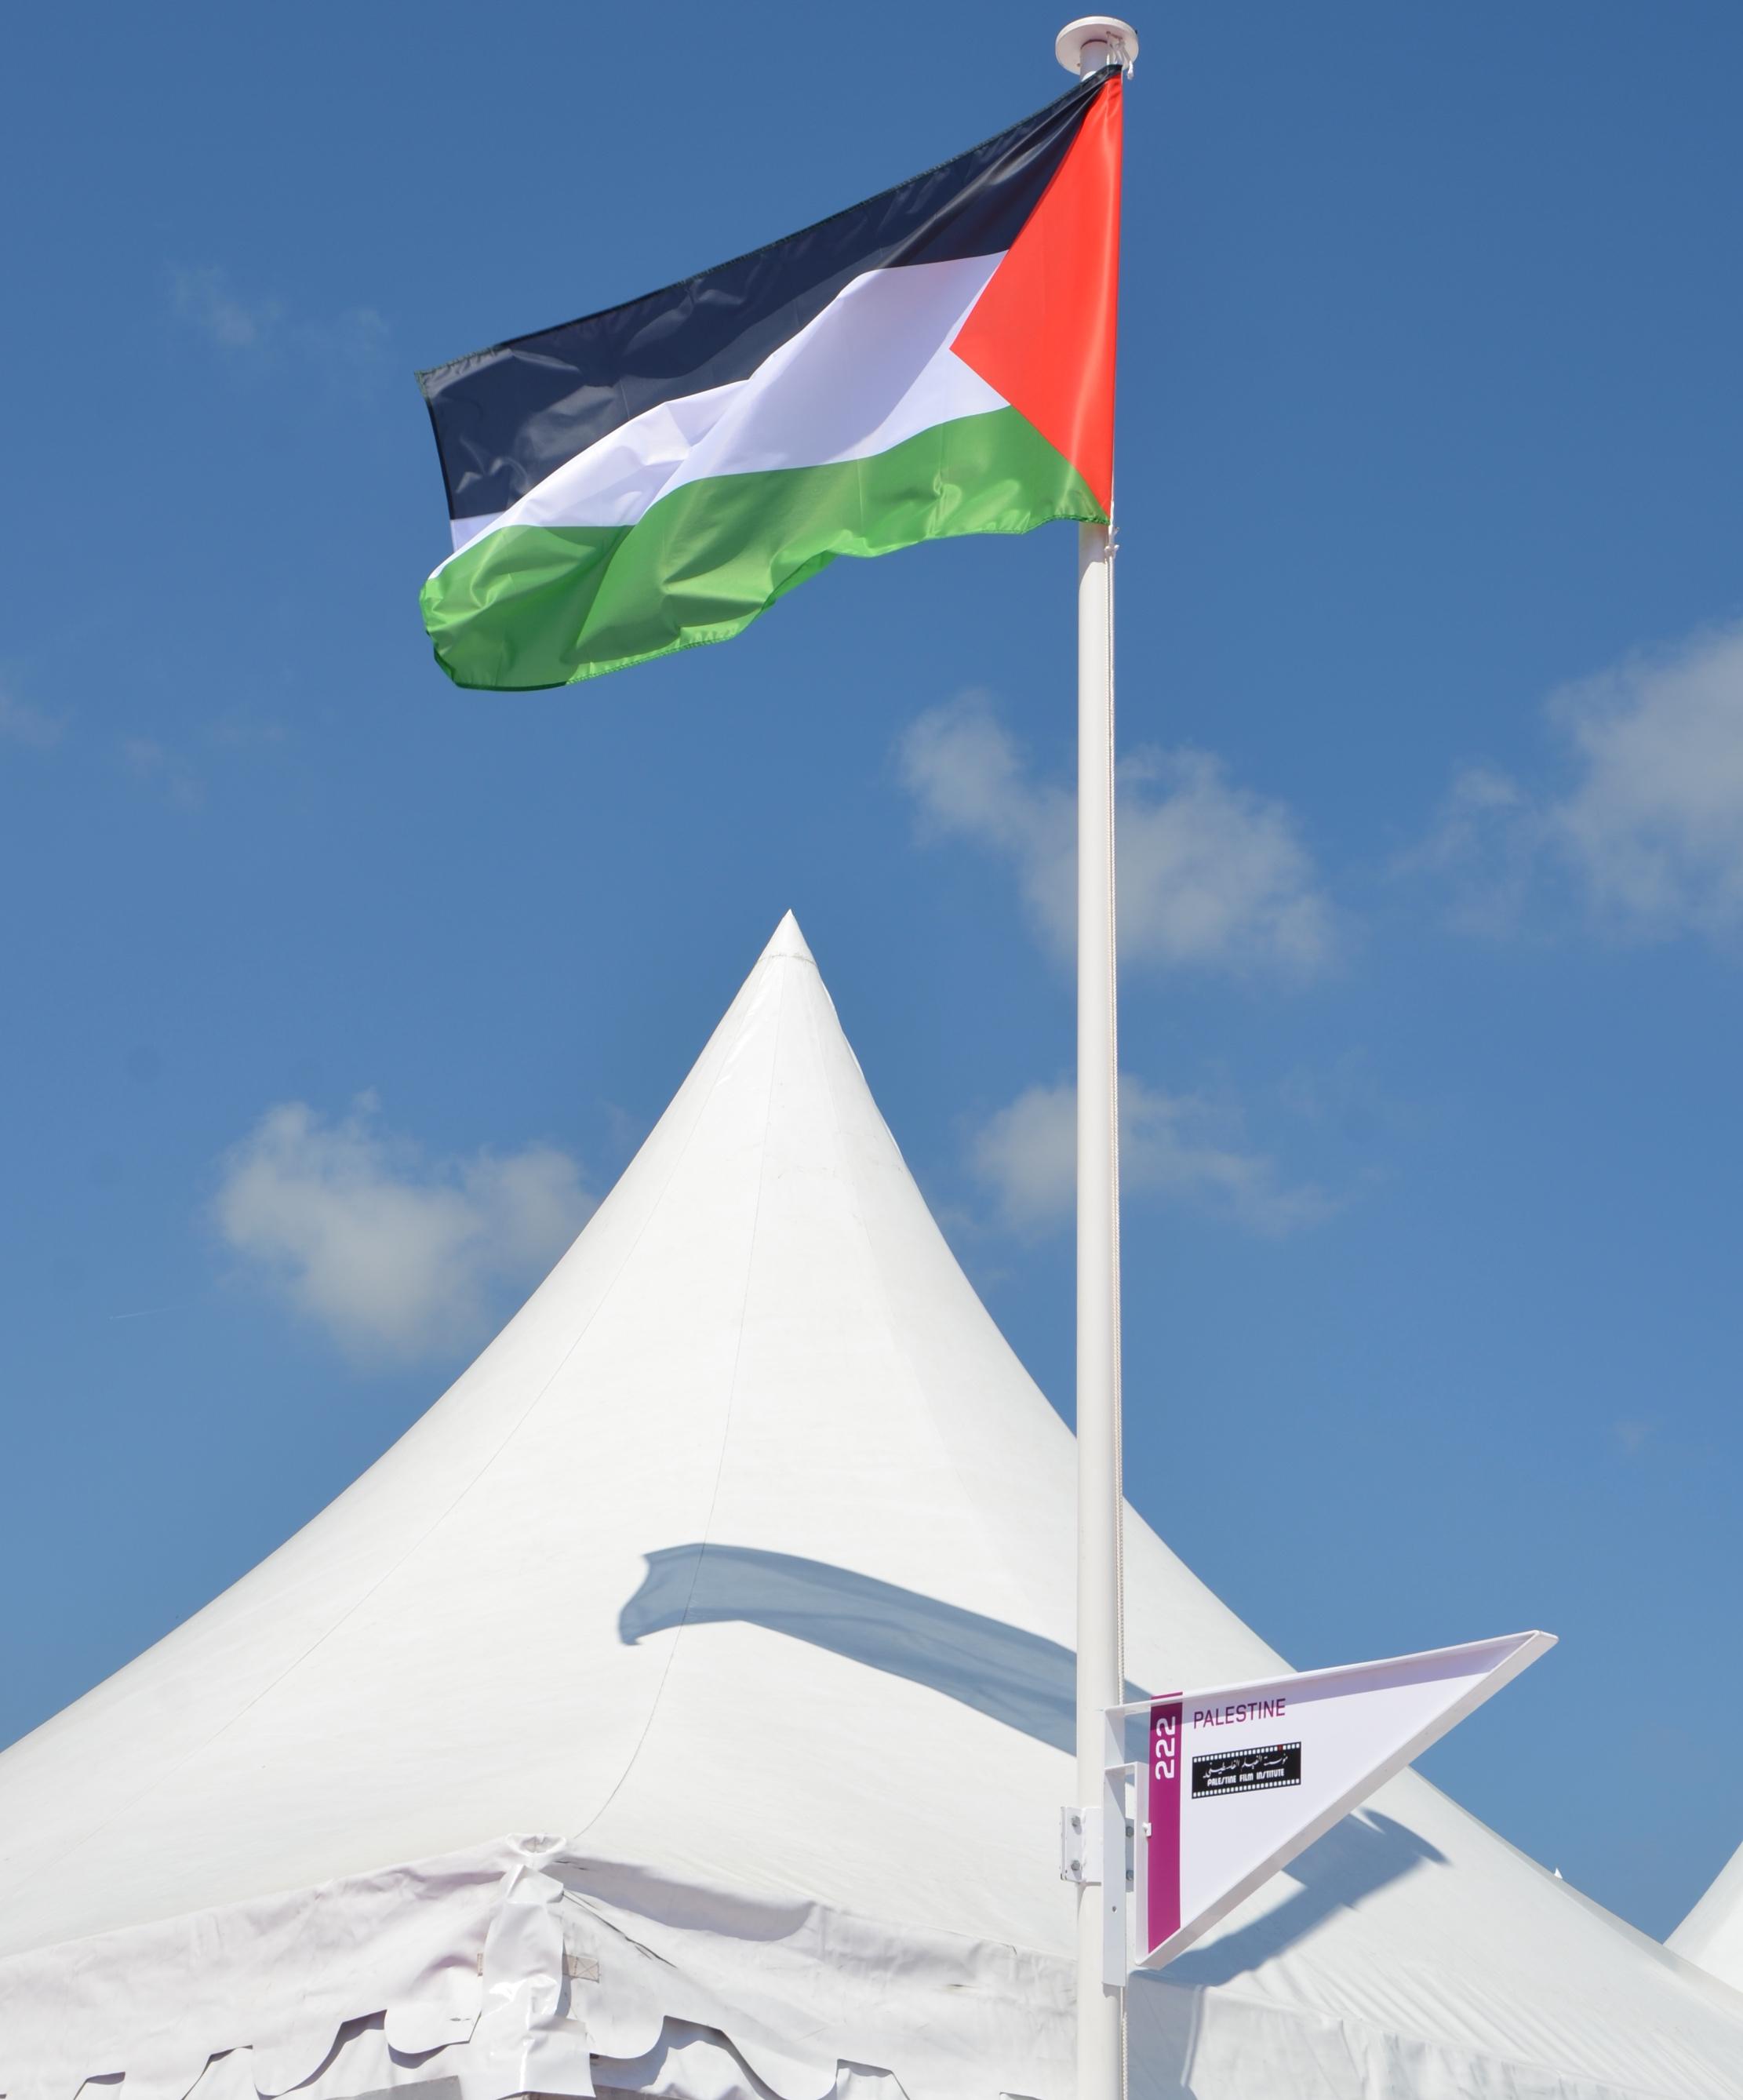 مؤسسة الفيلم الفلسطيني: هيكل يؤسس لصناعة سينما فلسطينية